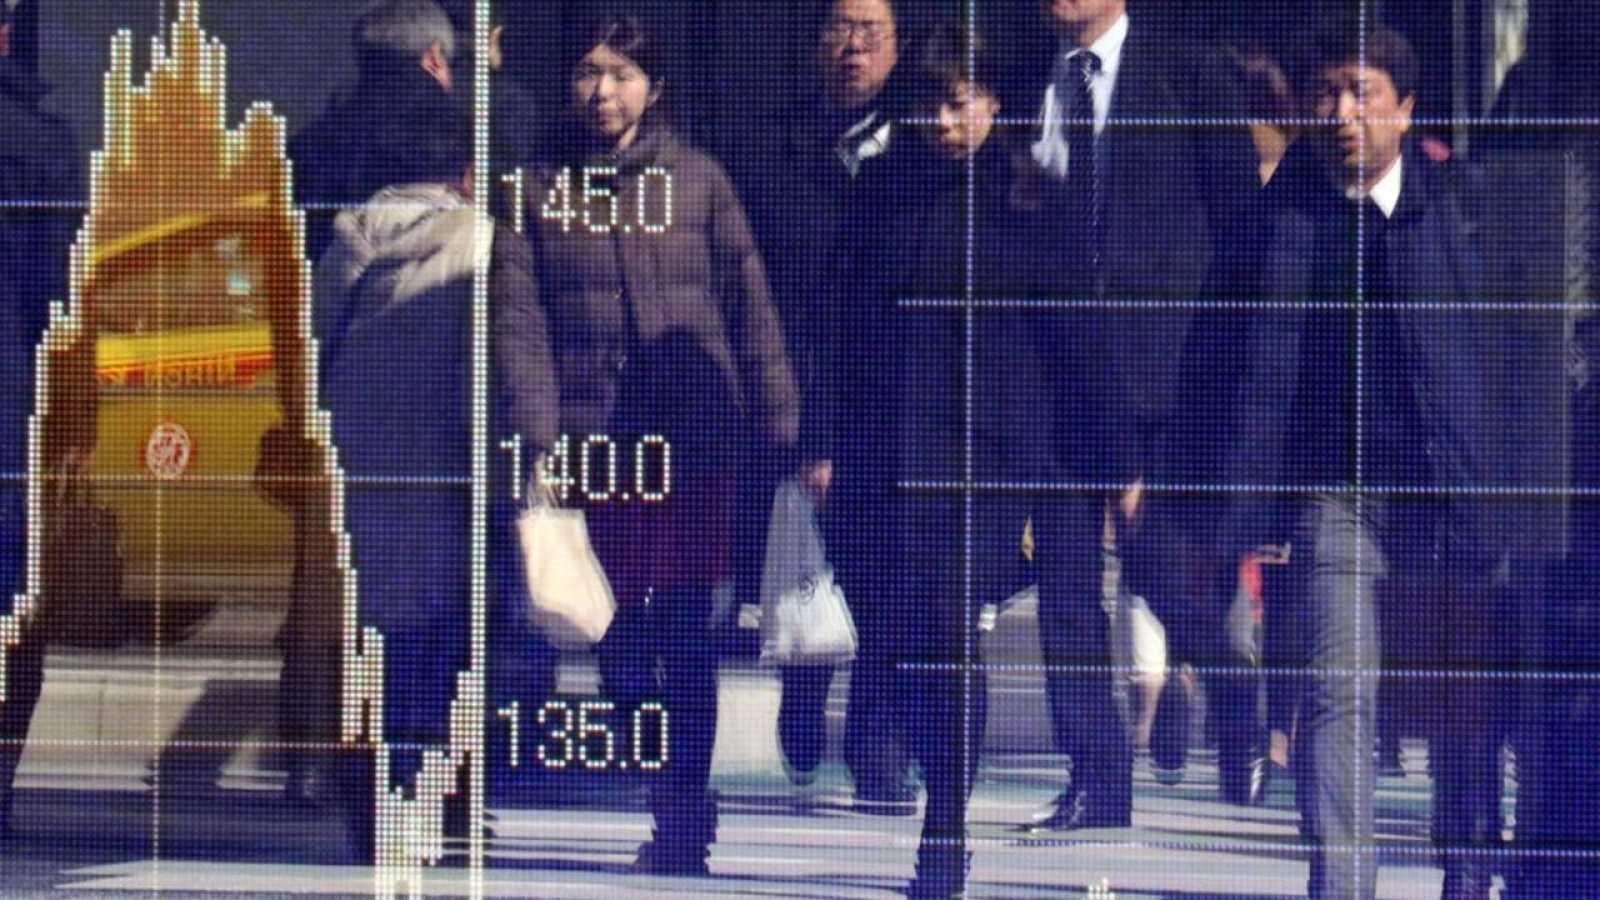 Peatones, reflejados en una pantalla electrónica con los datos de mercados financieros en una calle de Tokio